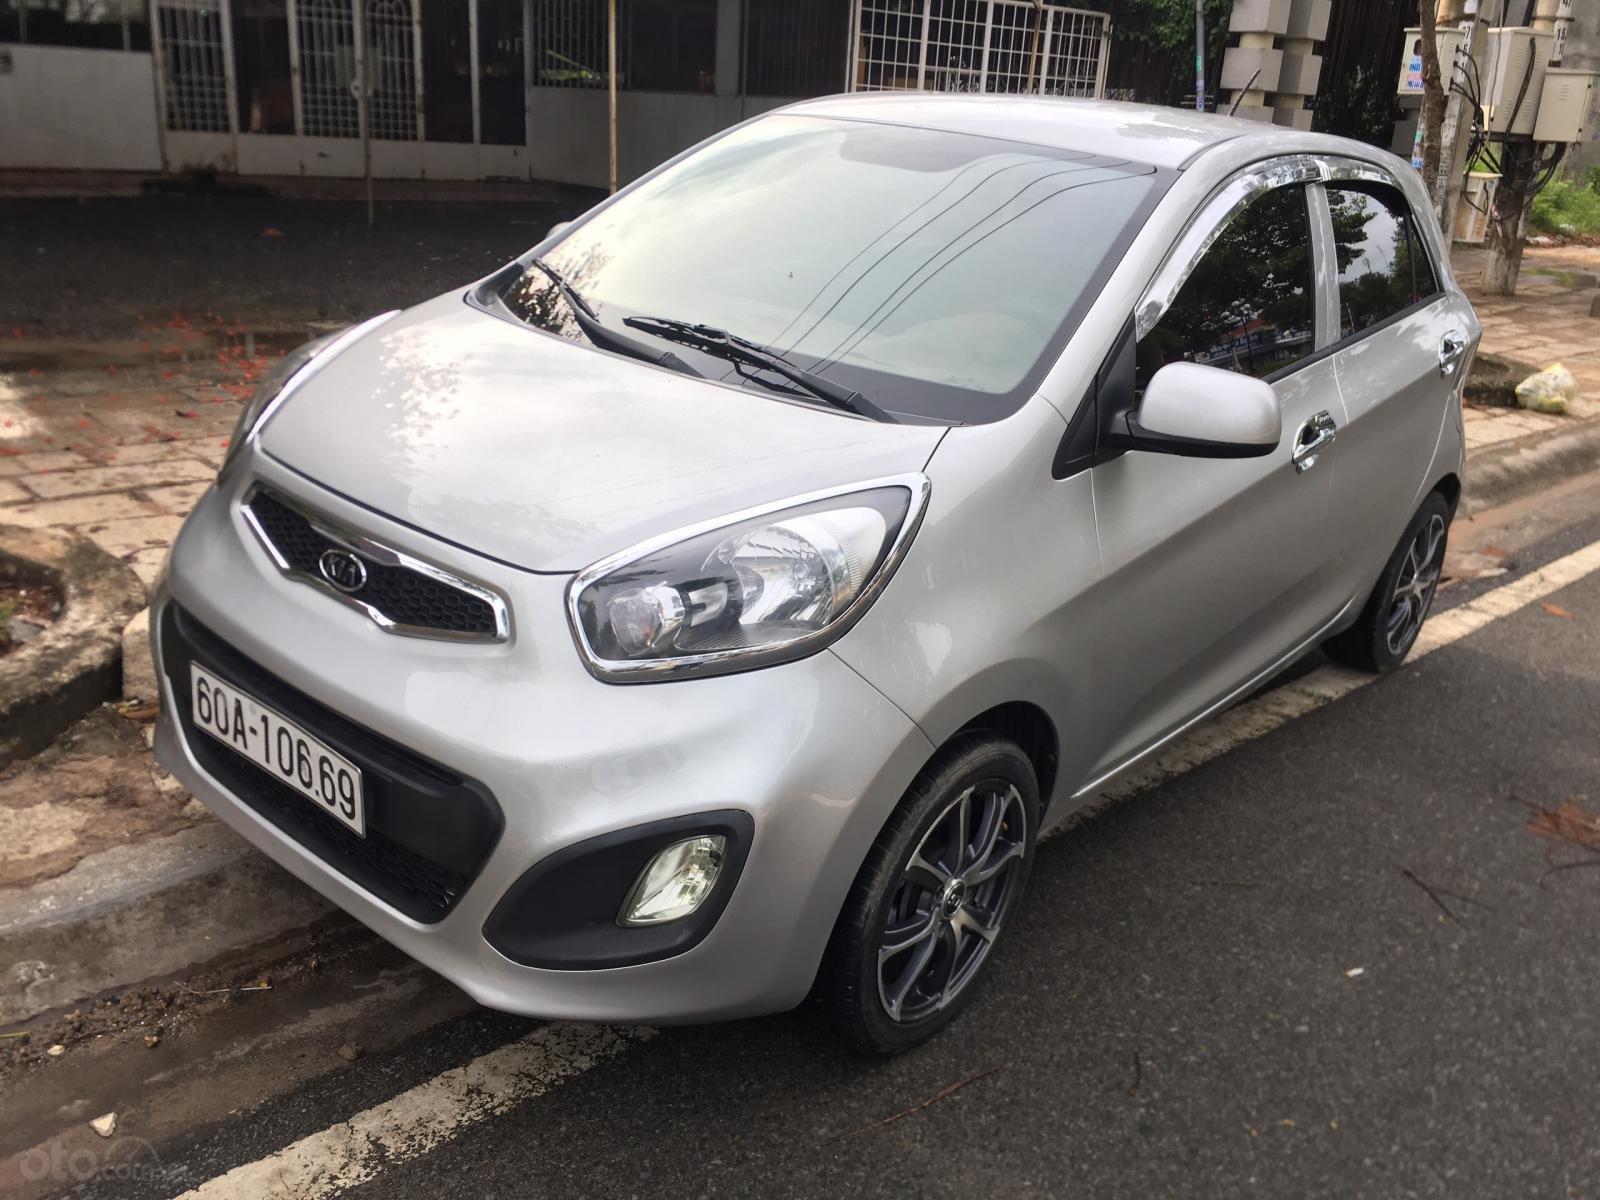 Cần bán xe Kia Morning sản xuất 2013, màu bạc, giá 245tr (1)